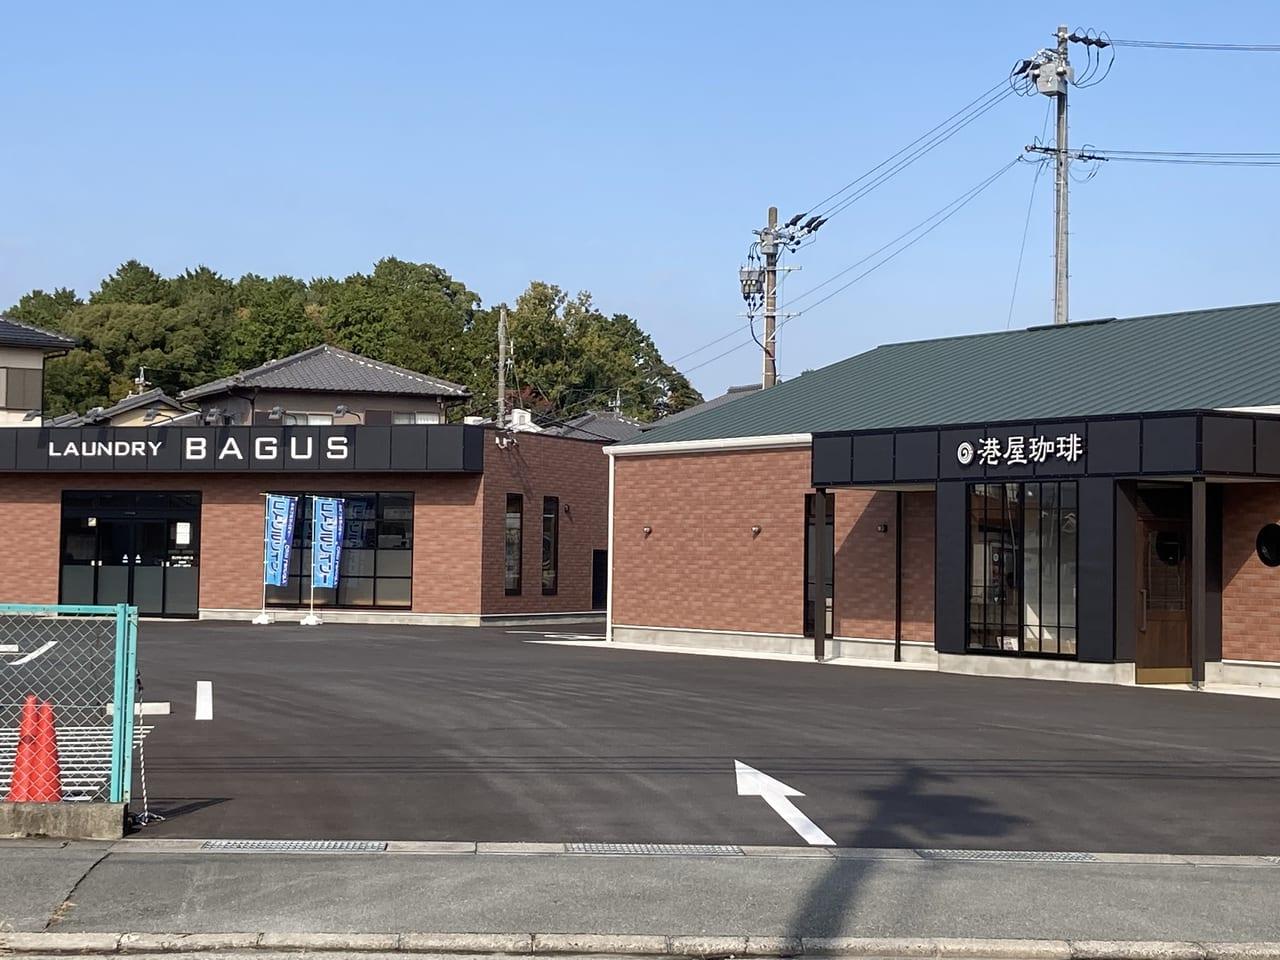 港屋珈琲松阪店店舗とコインランドリ―が写った画像